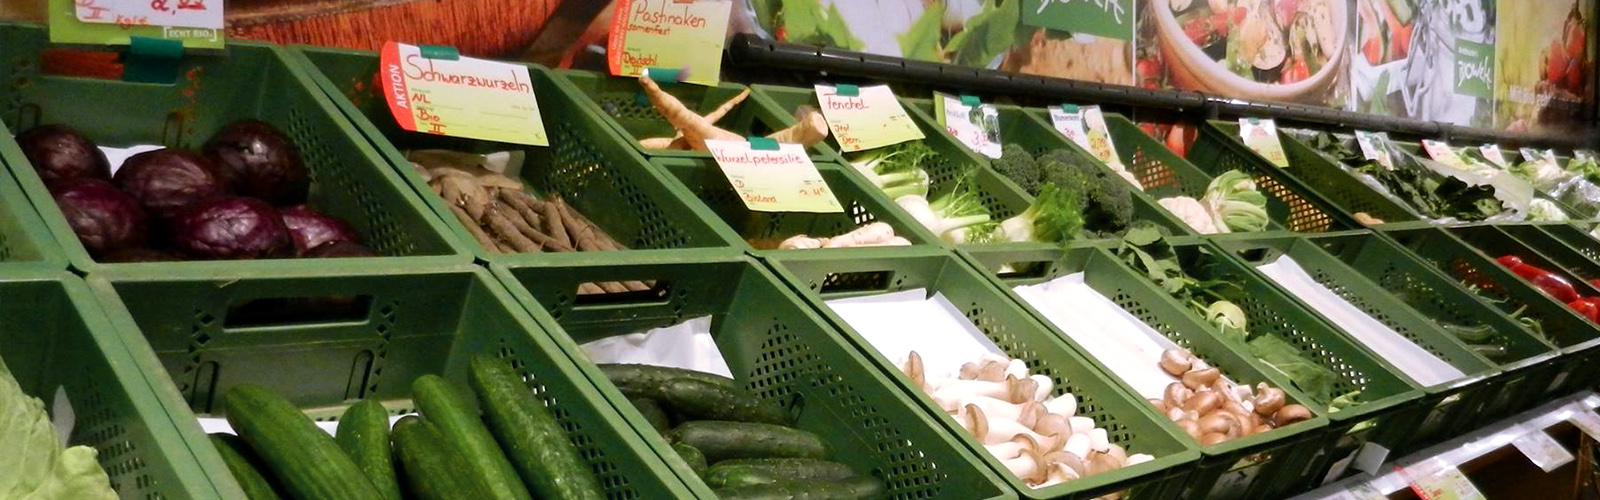 Frisches Obst & Gemüse und frischer Salat